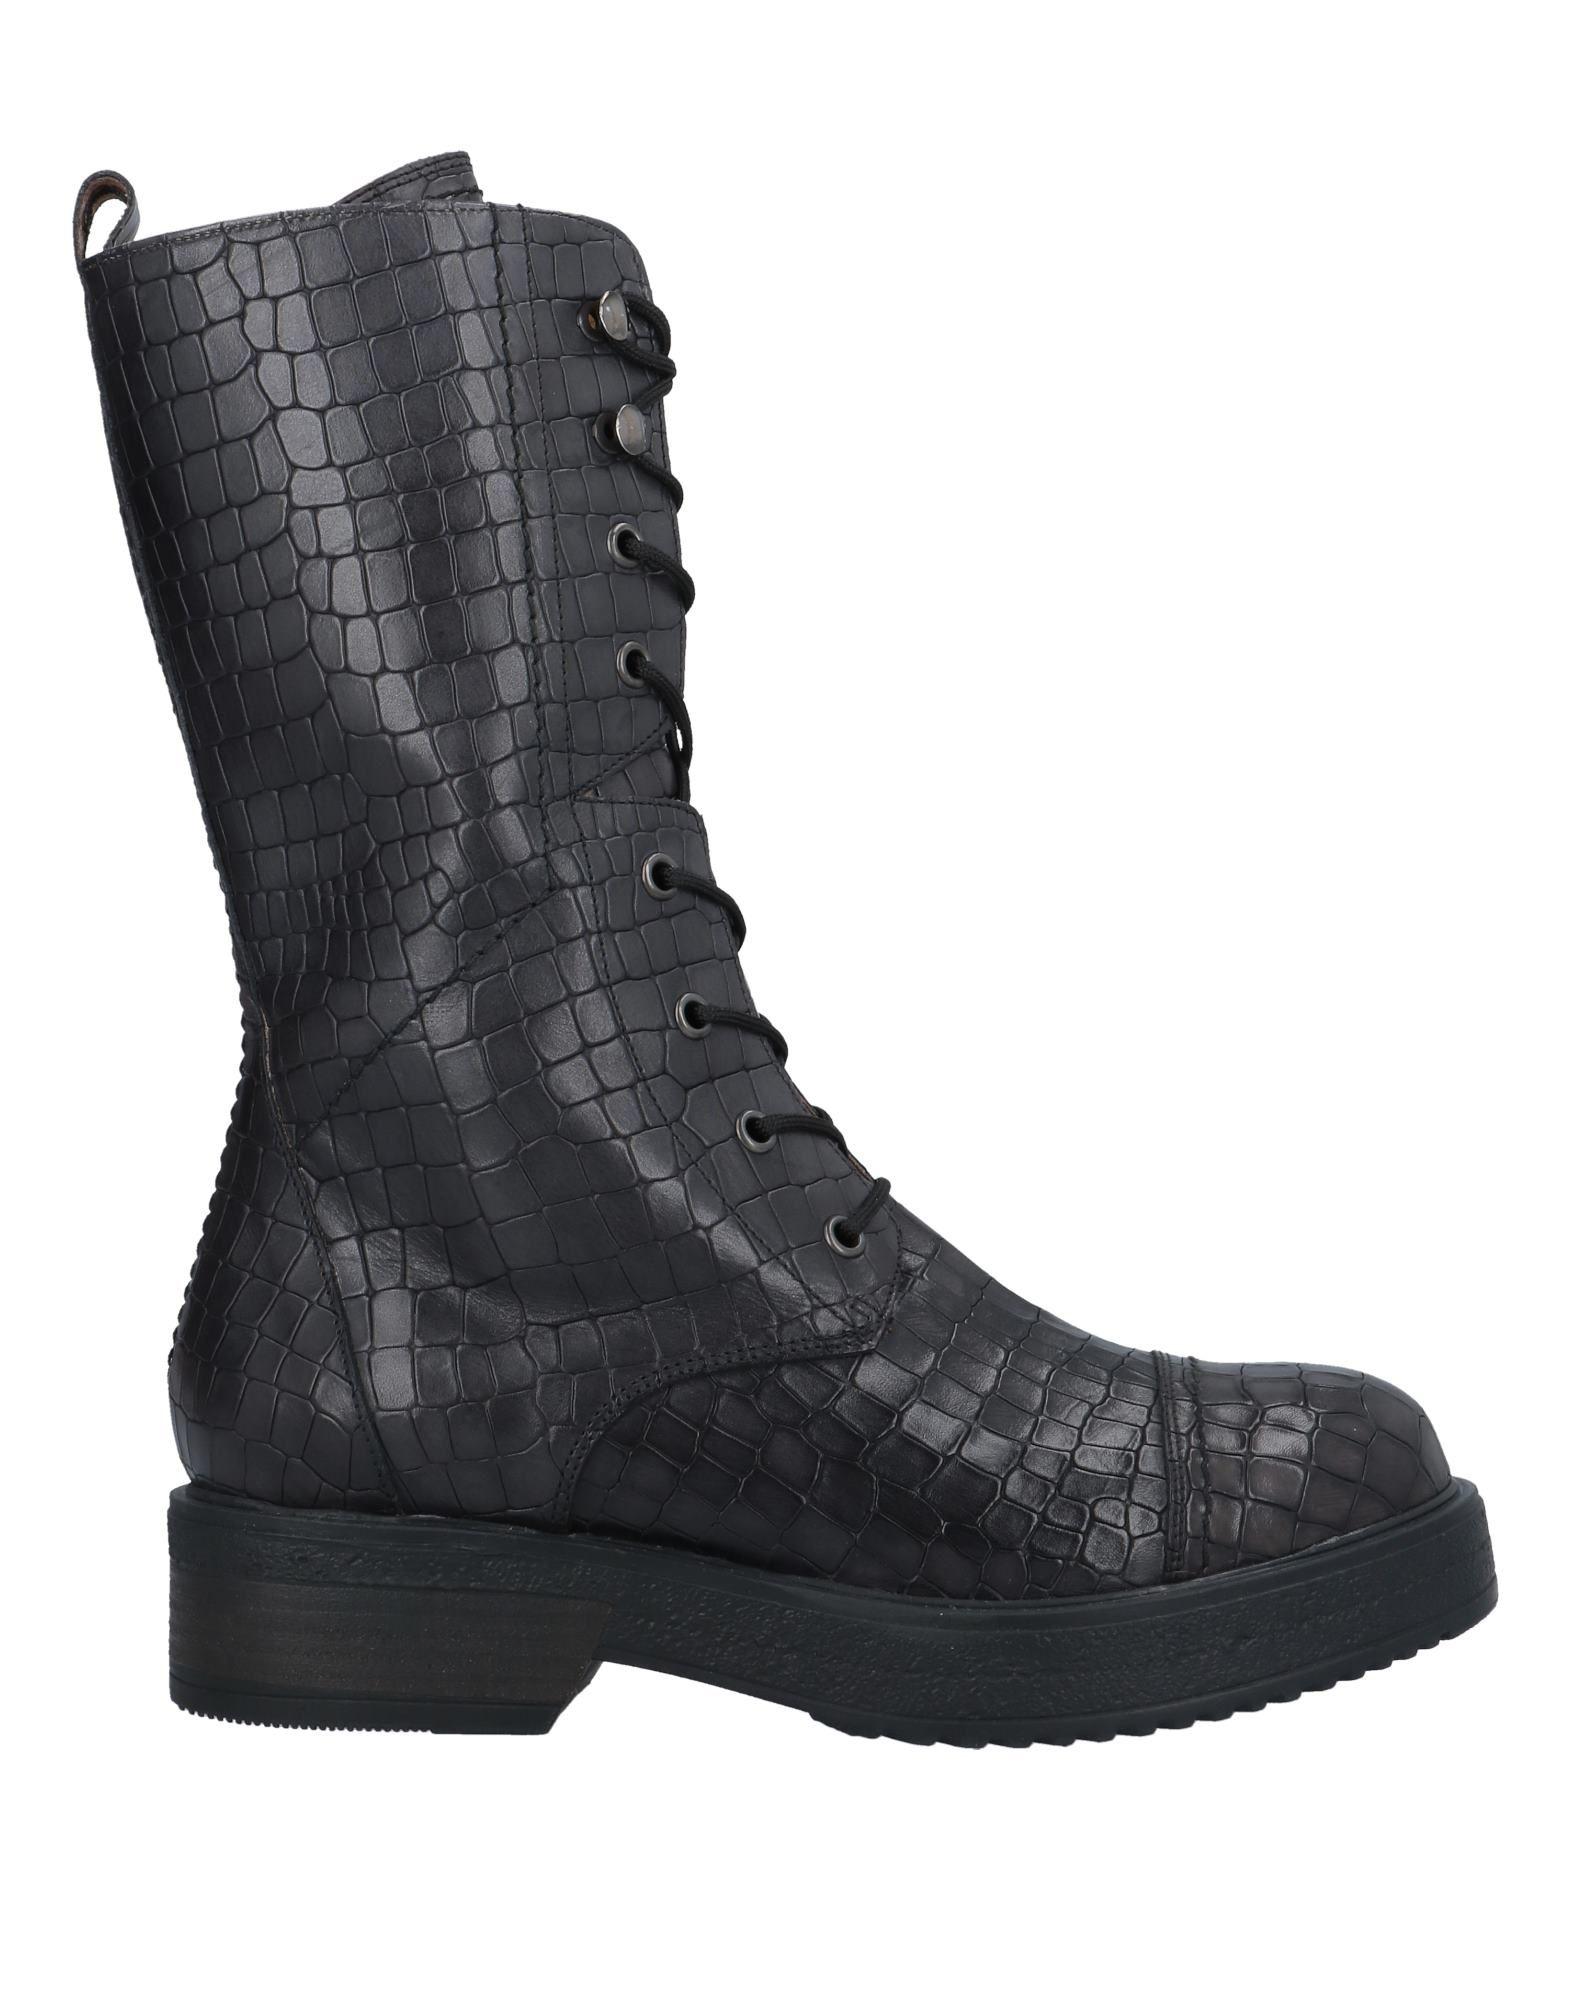 Фото - PF16 Полусапоги и высокие ботинки pf16 полусапоги и высокие ботинки